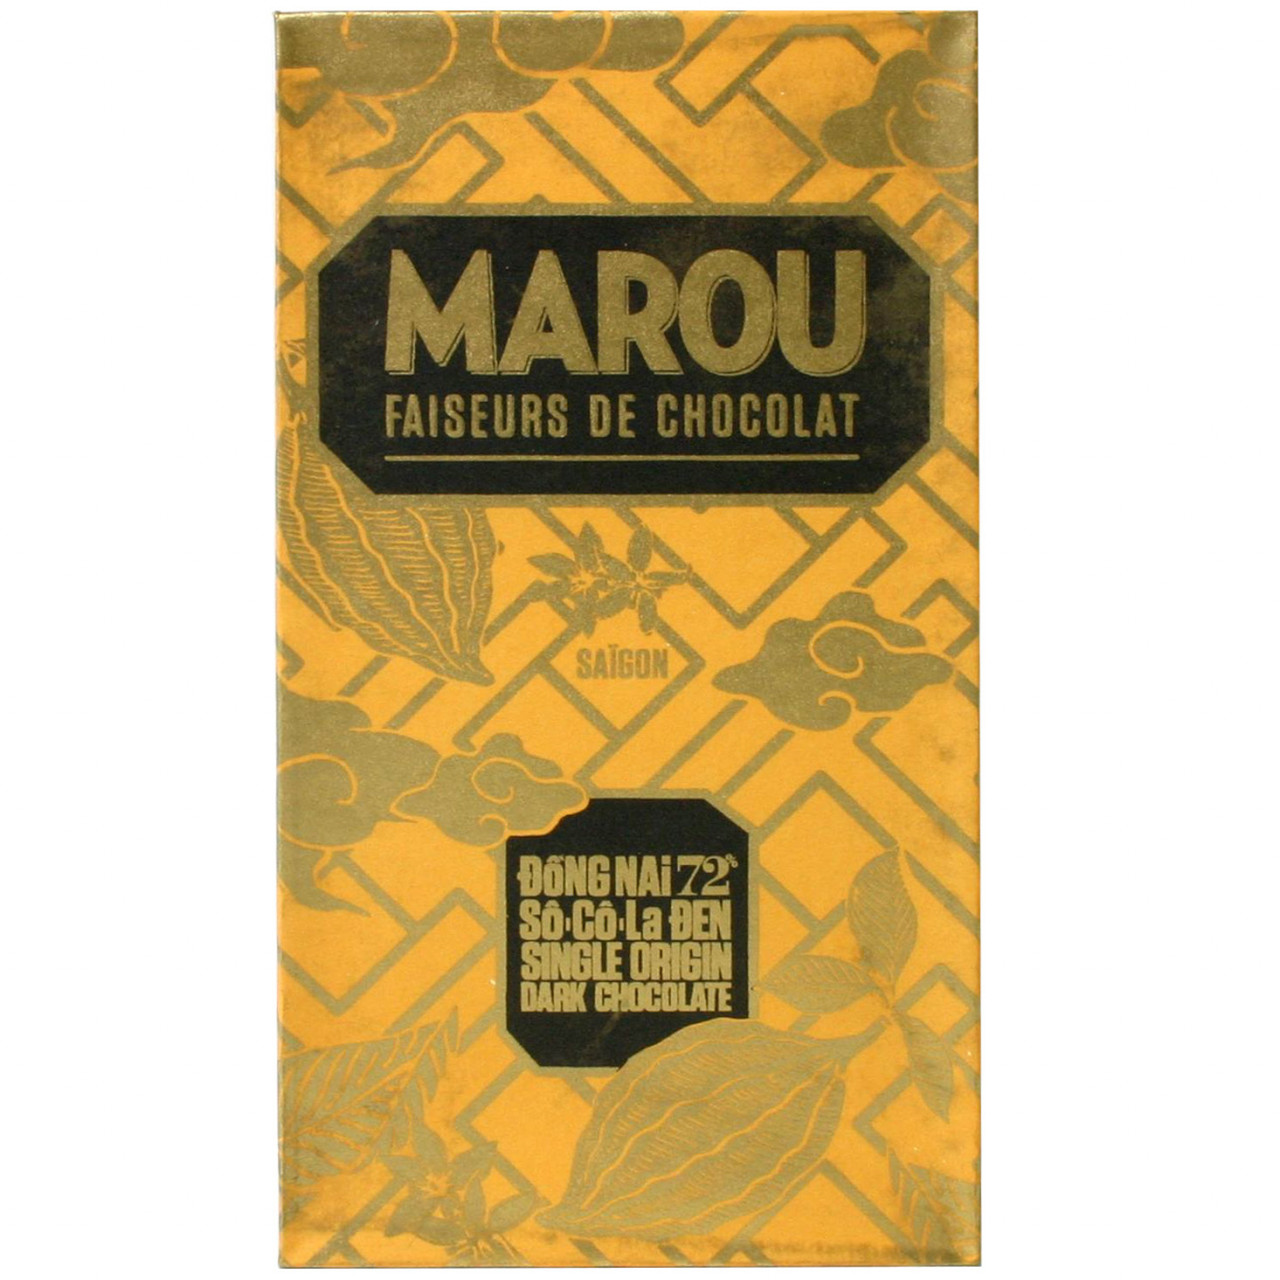 dark chocolate, dunkle Herkunftsschokolade, Vietnam, Marou, glutenfrei, sojafrei, laktosefrei